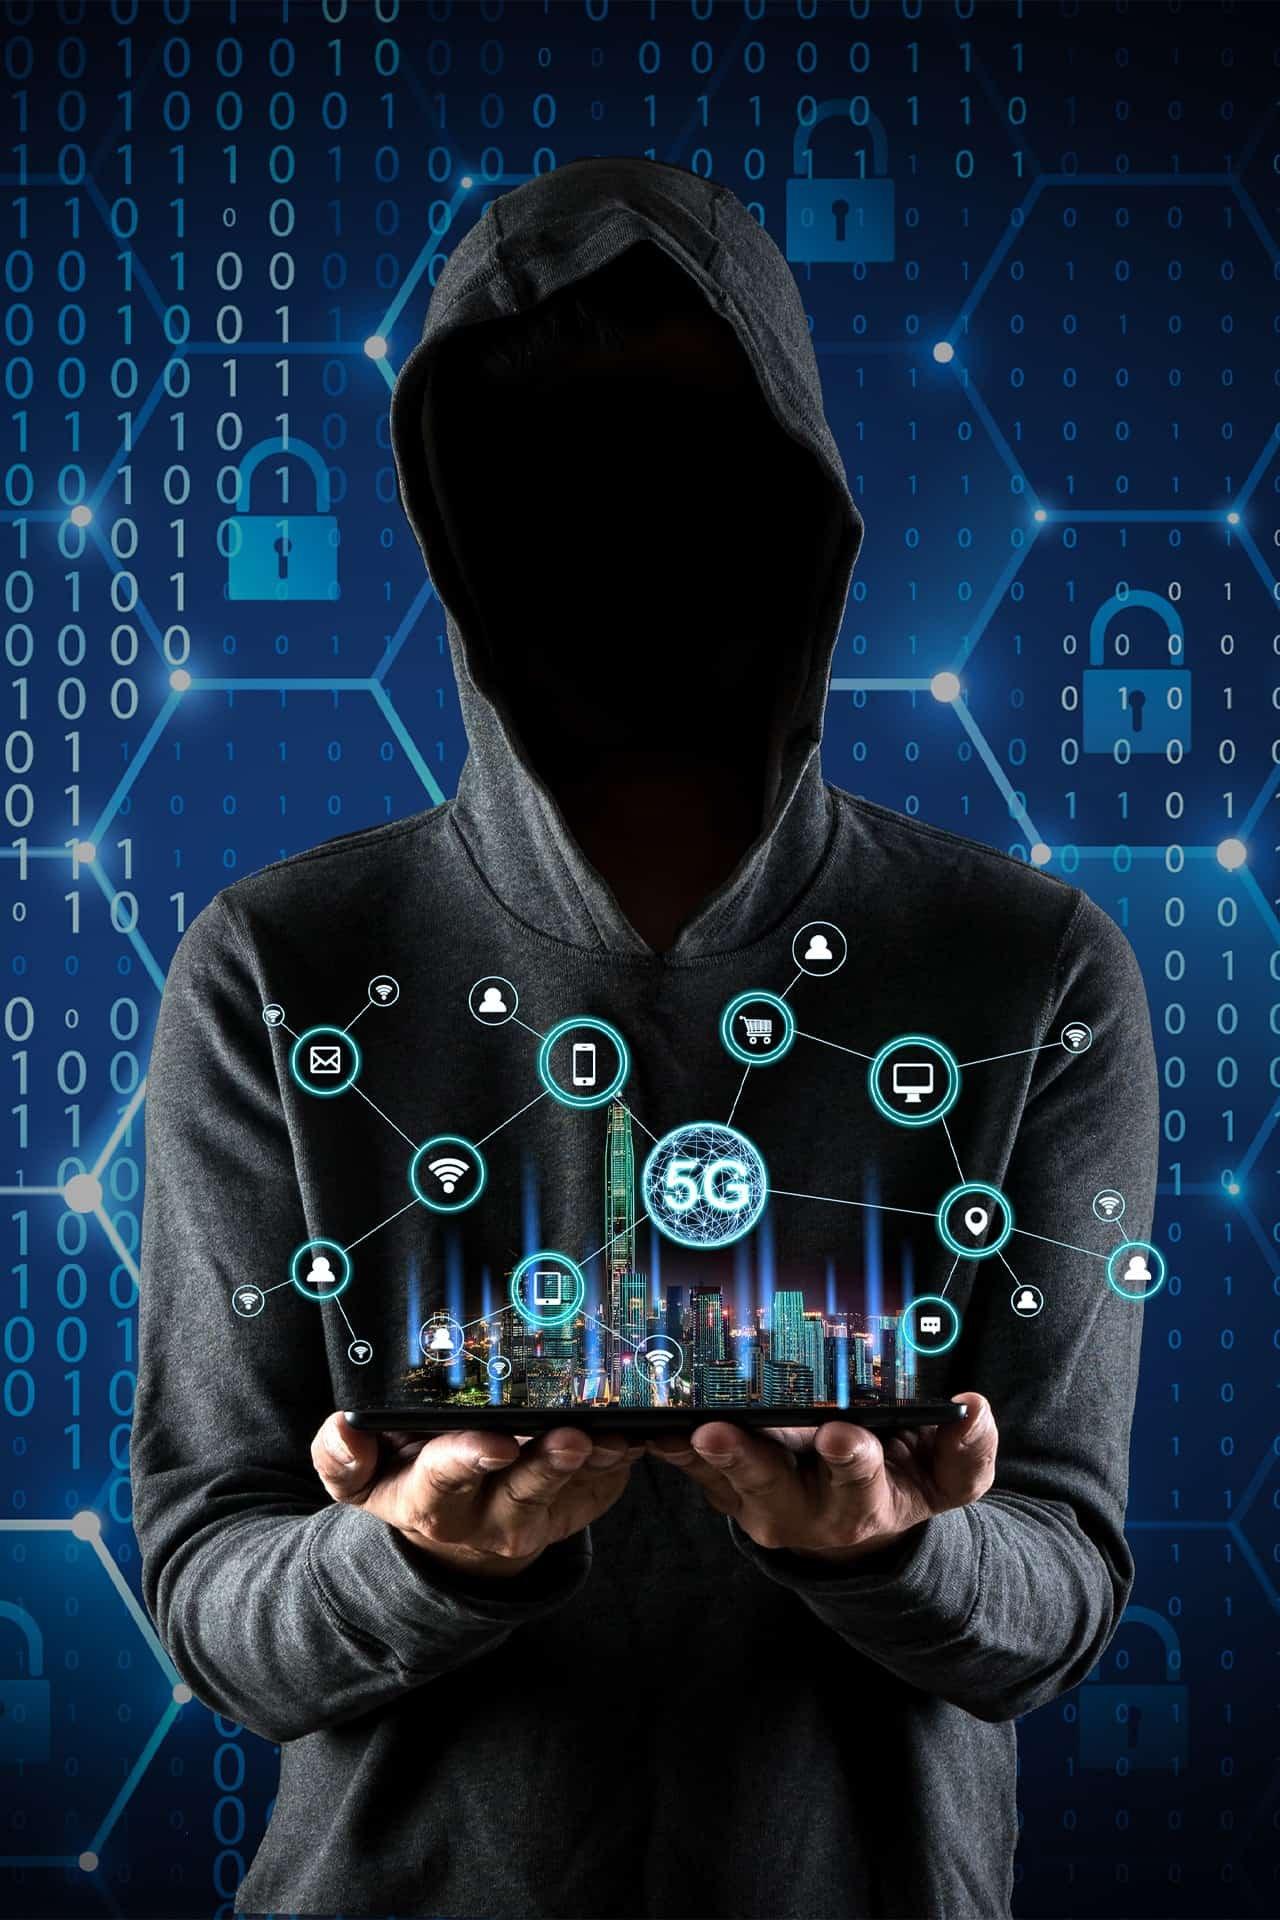 hacker 5g